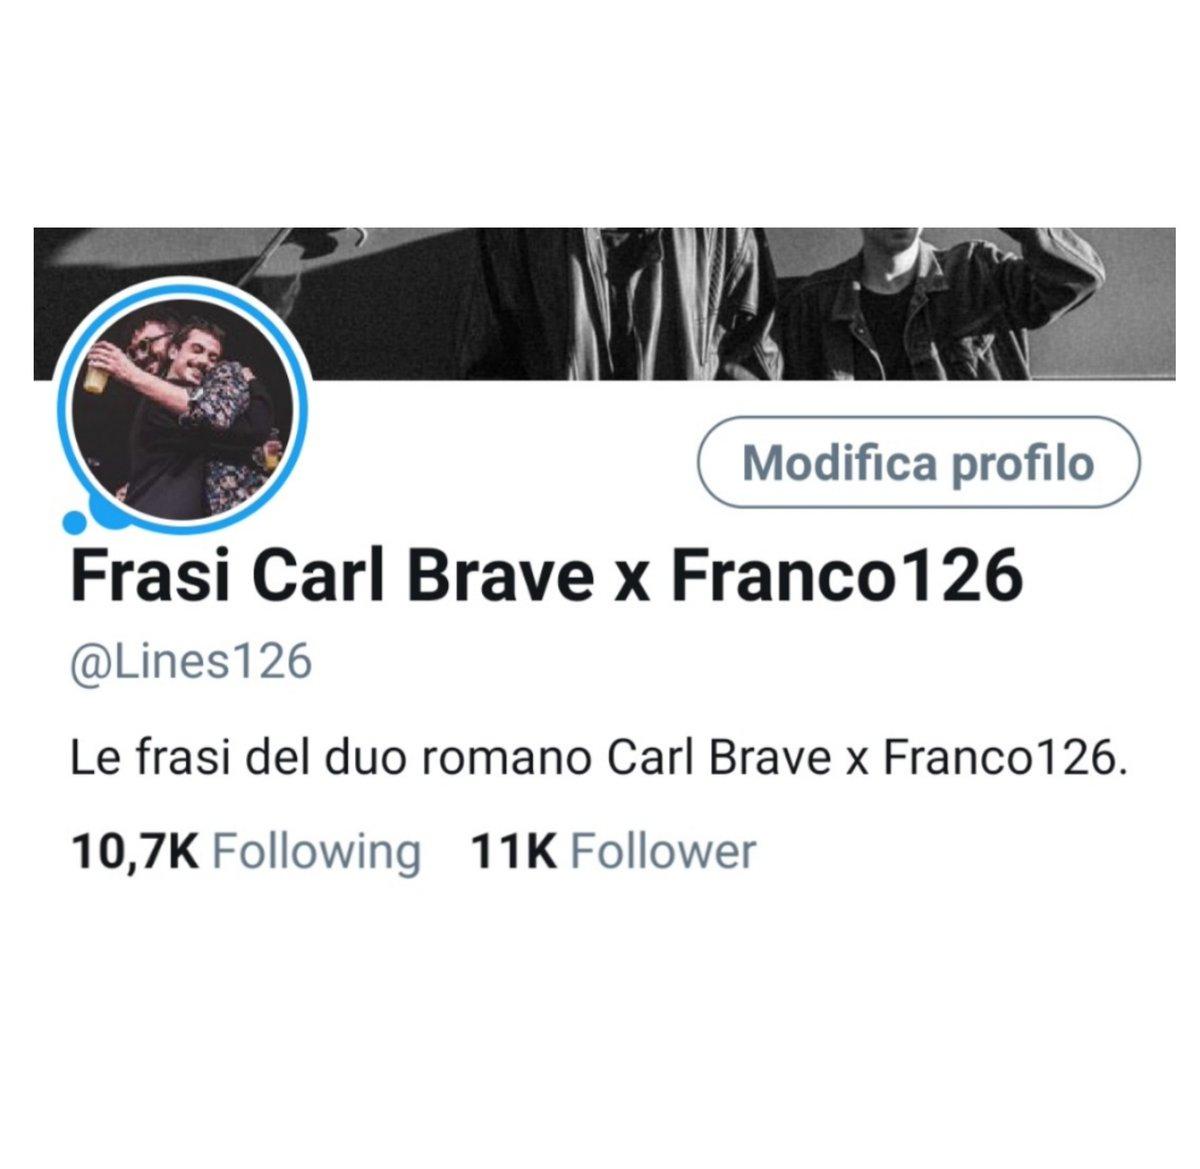 Frasi Carl Brave